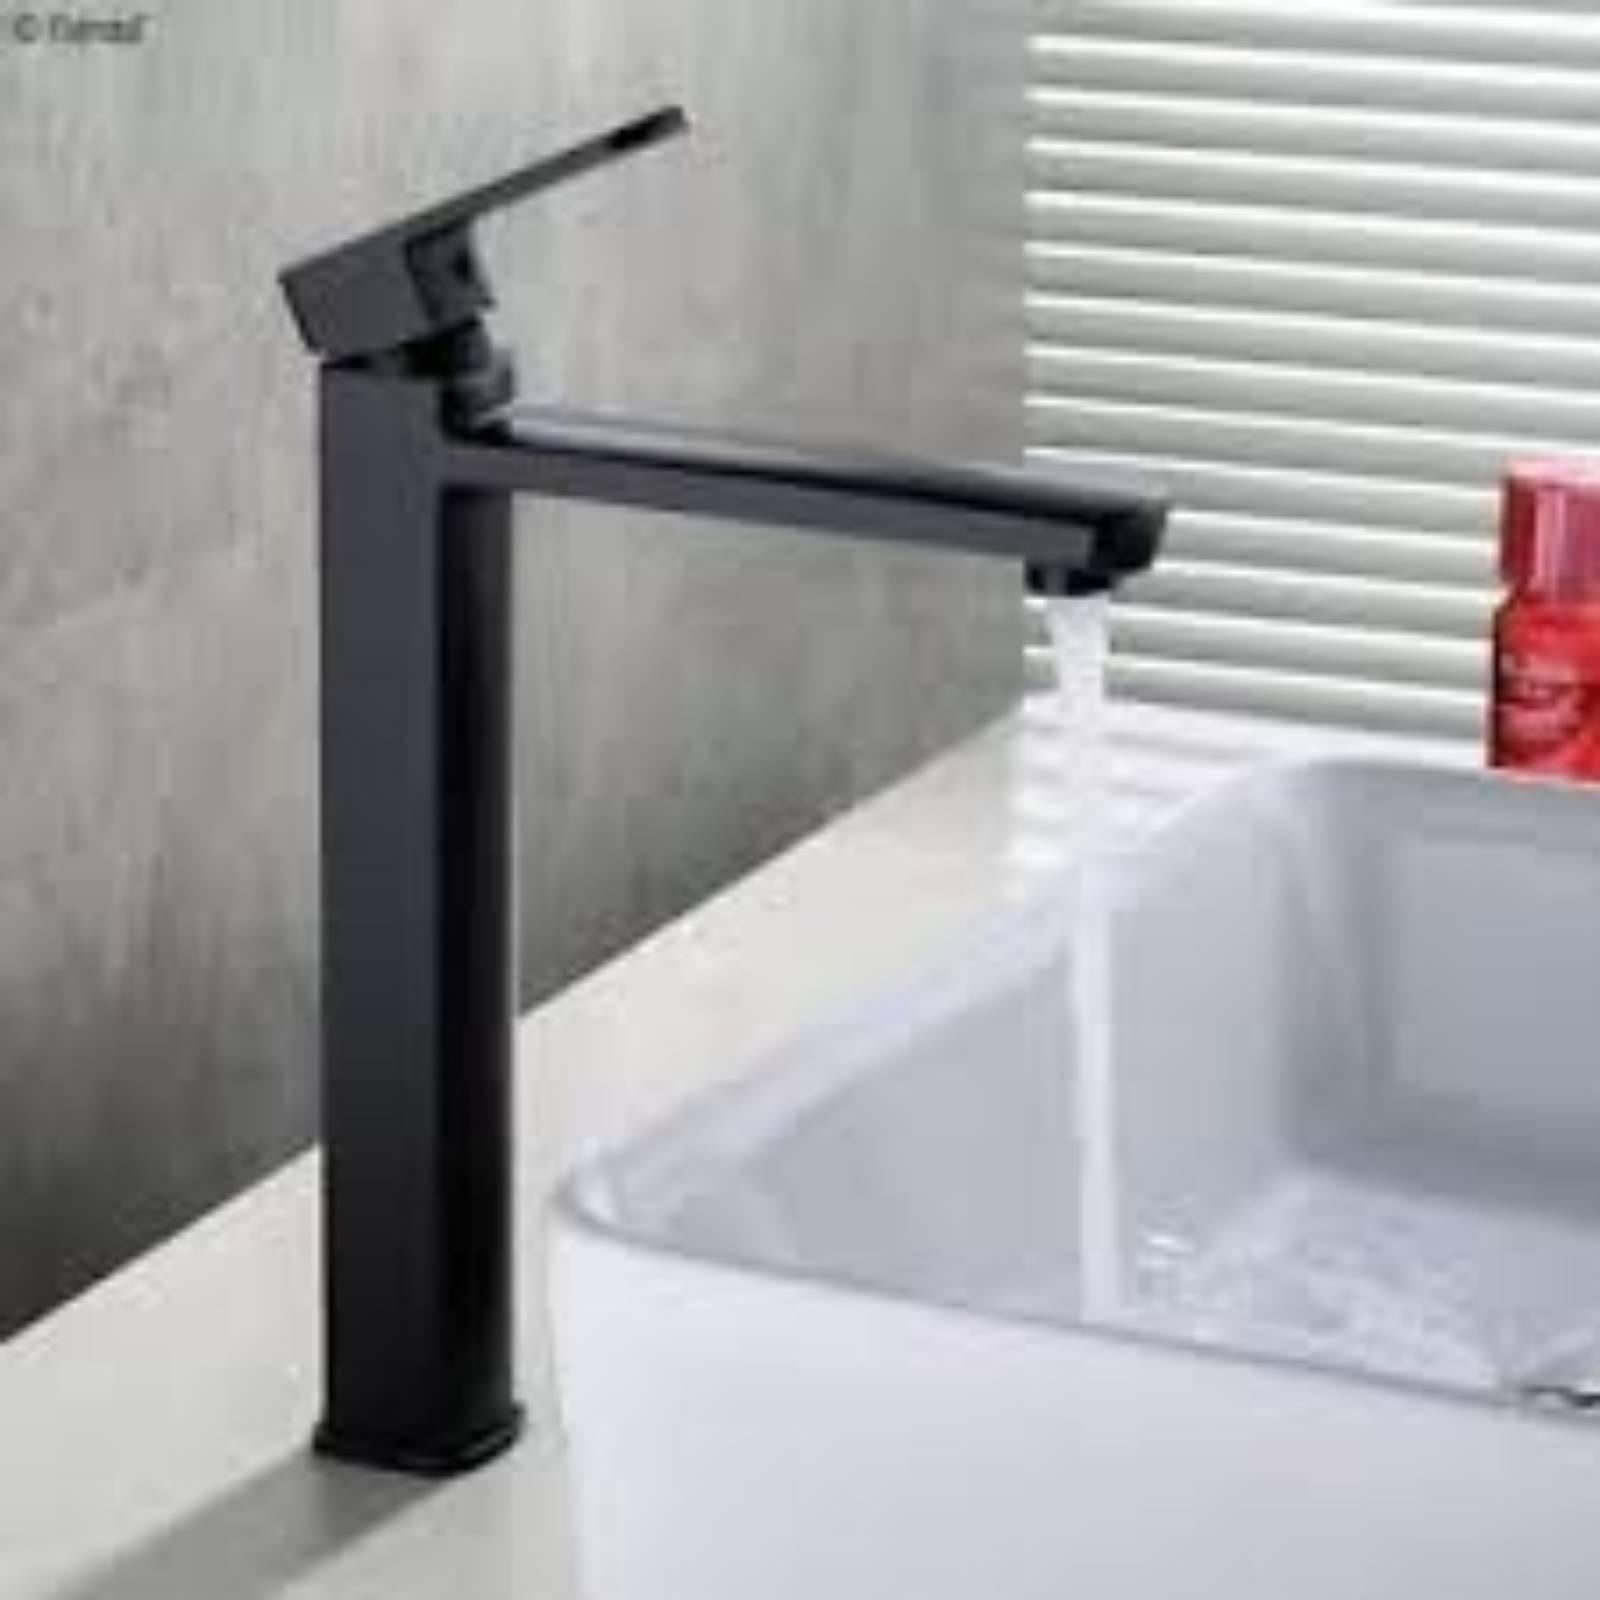 wall basin mixer or regular basin mixer?